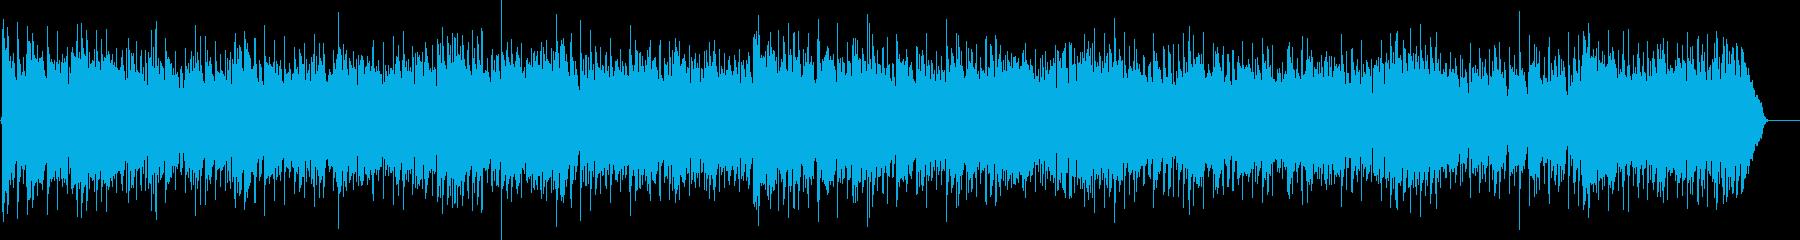 爽やかなカントリー・ウェスタン調ロックの再生済みの波形